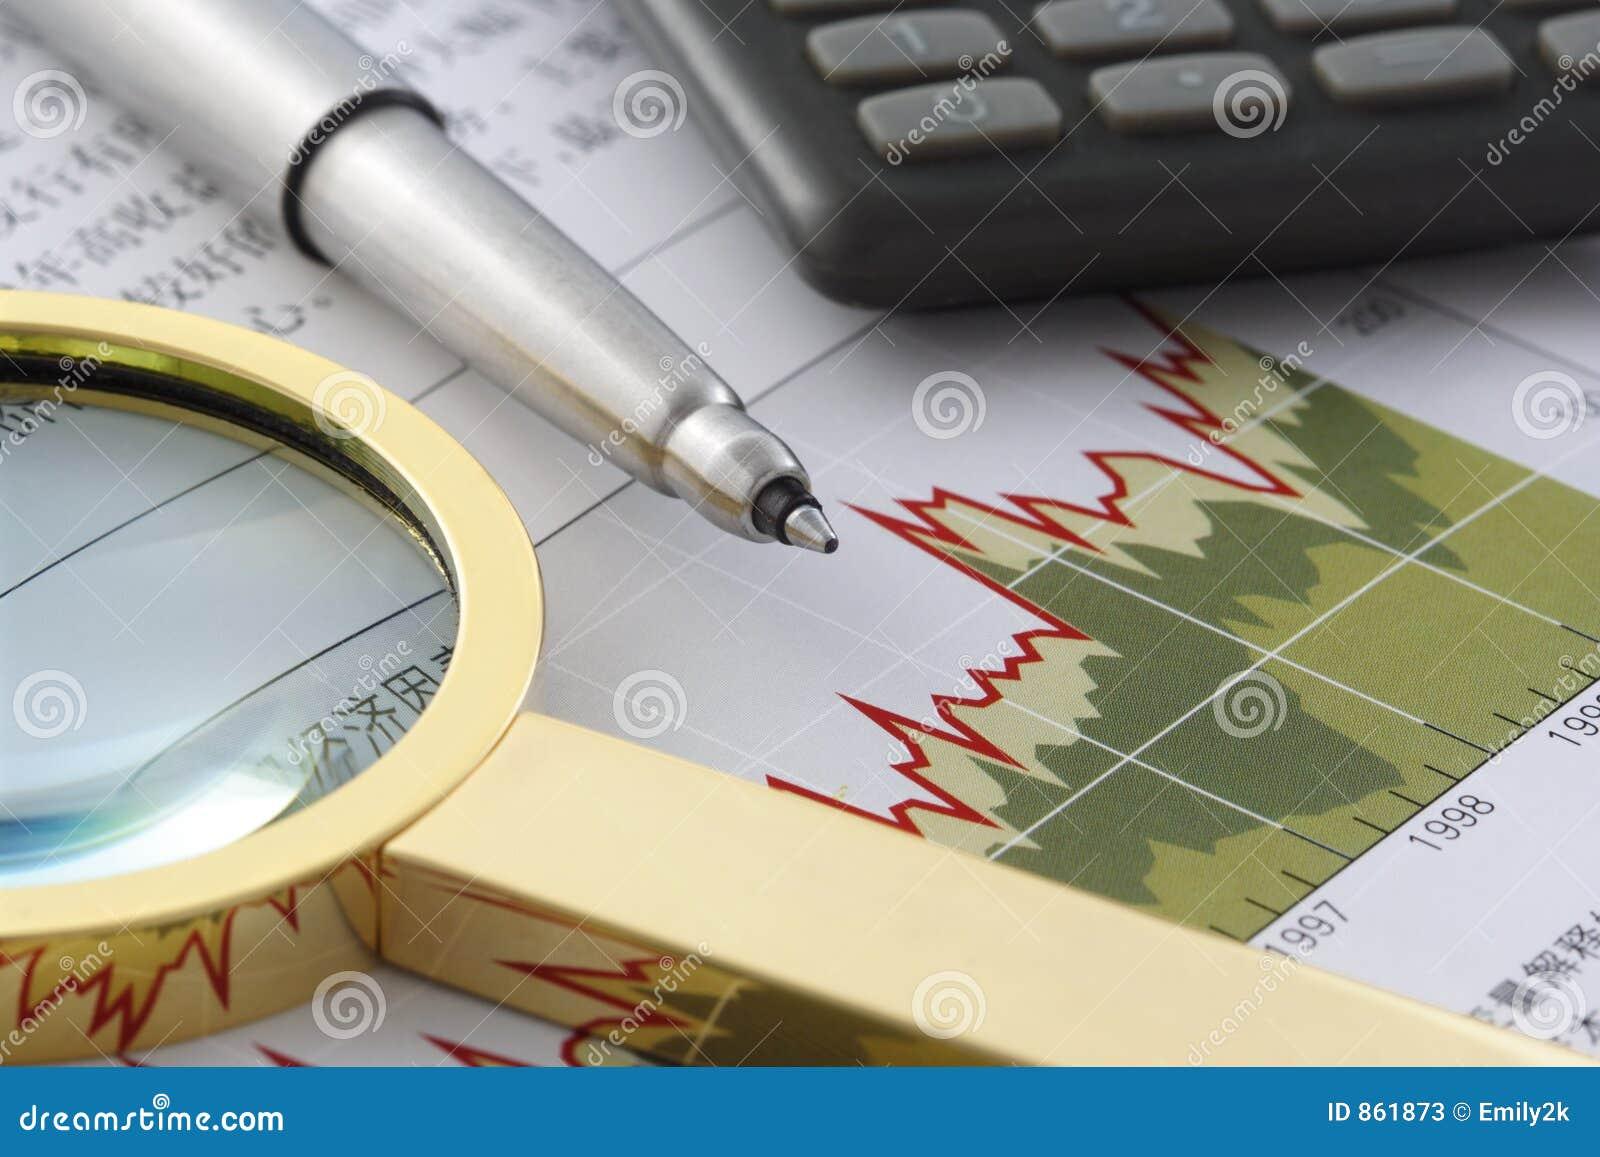 Kalkulator magnifier oświadczenie finansowe pióra